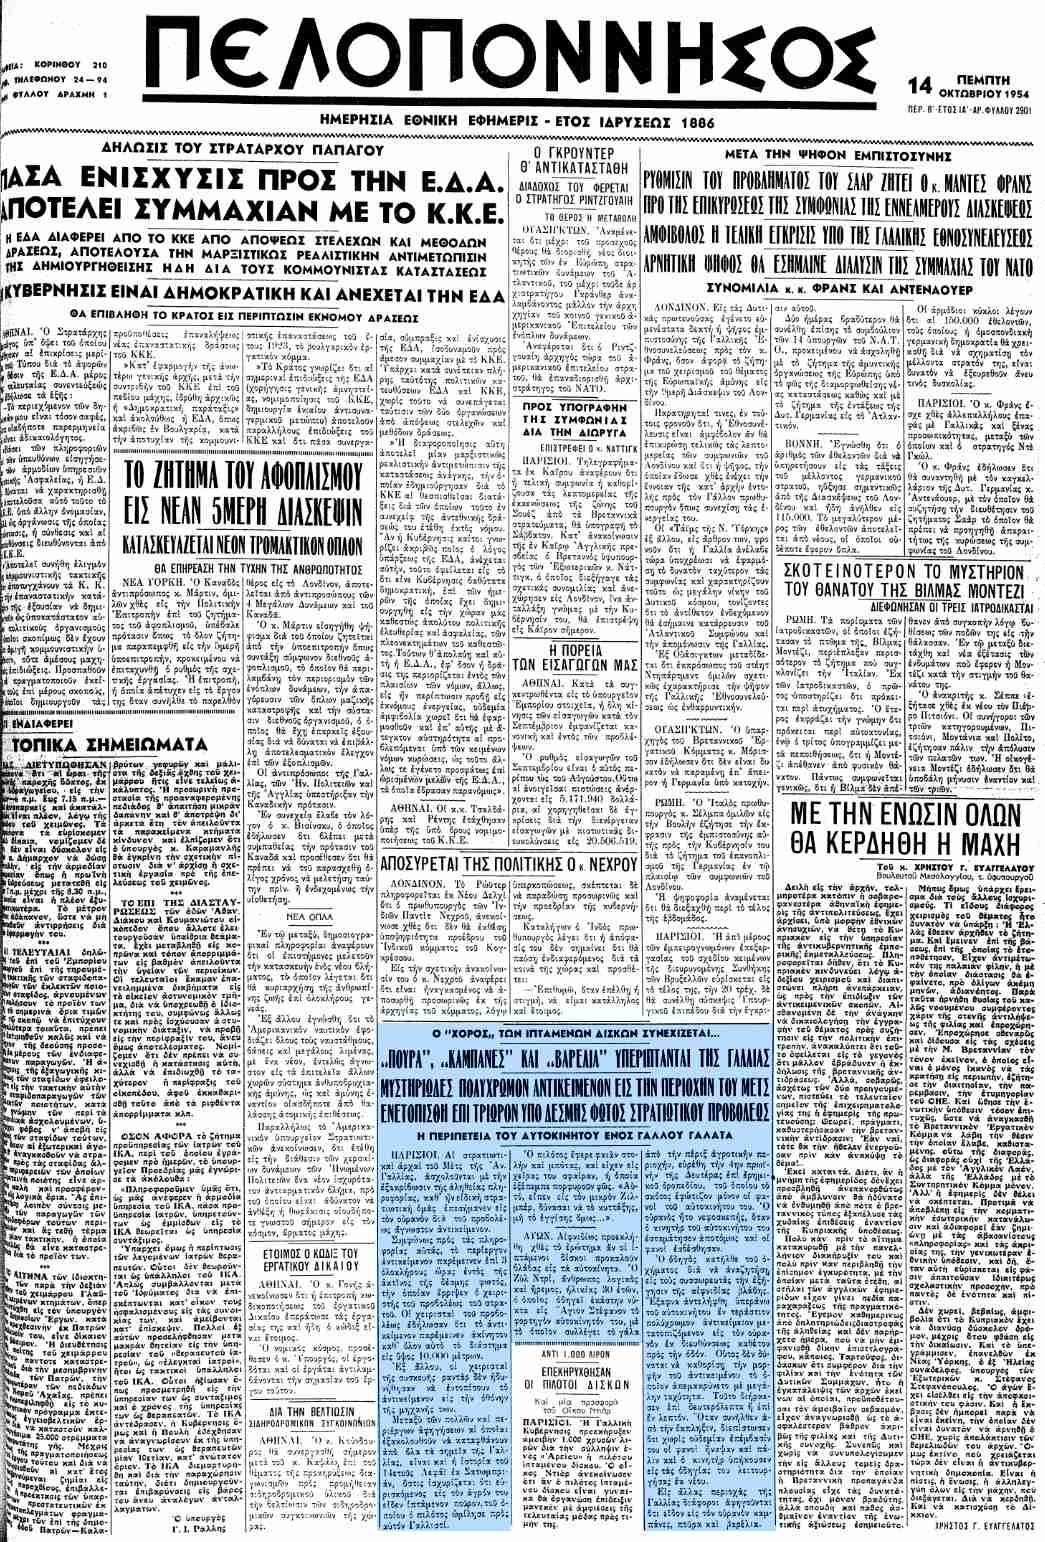 """Το άρθρο, όπως δημοσιεύθηκε στην εφημερίδα """"ΠΕΛΟΠΟΝΝΗΣΟΣ"""", στις 14/10/1954"""